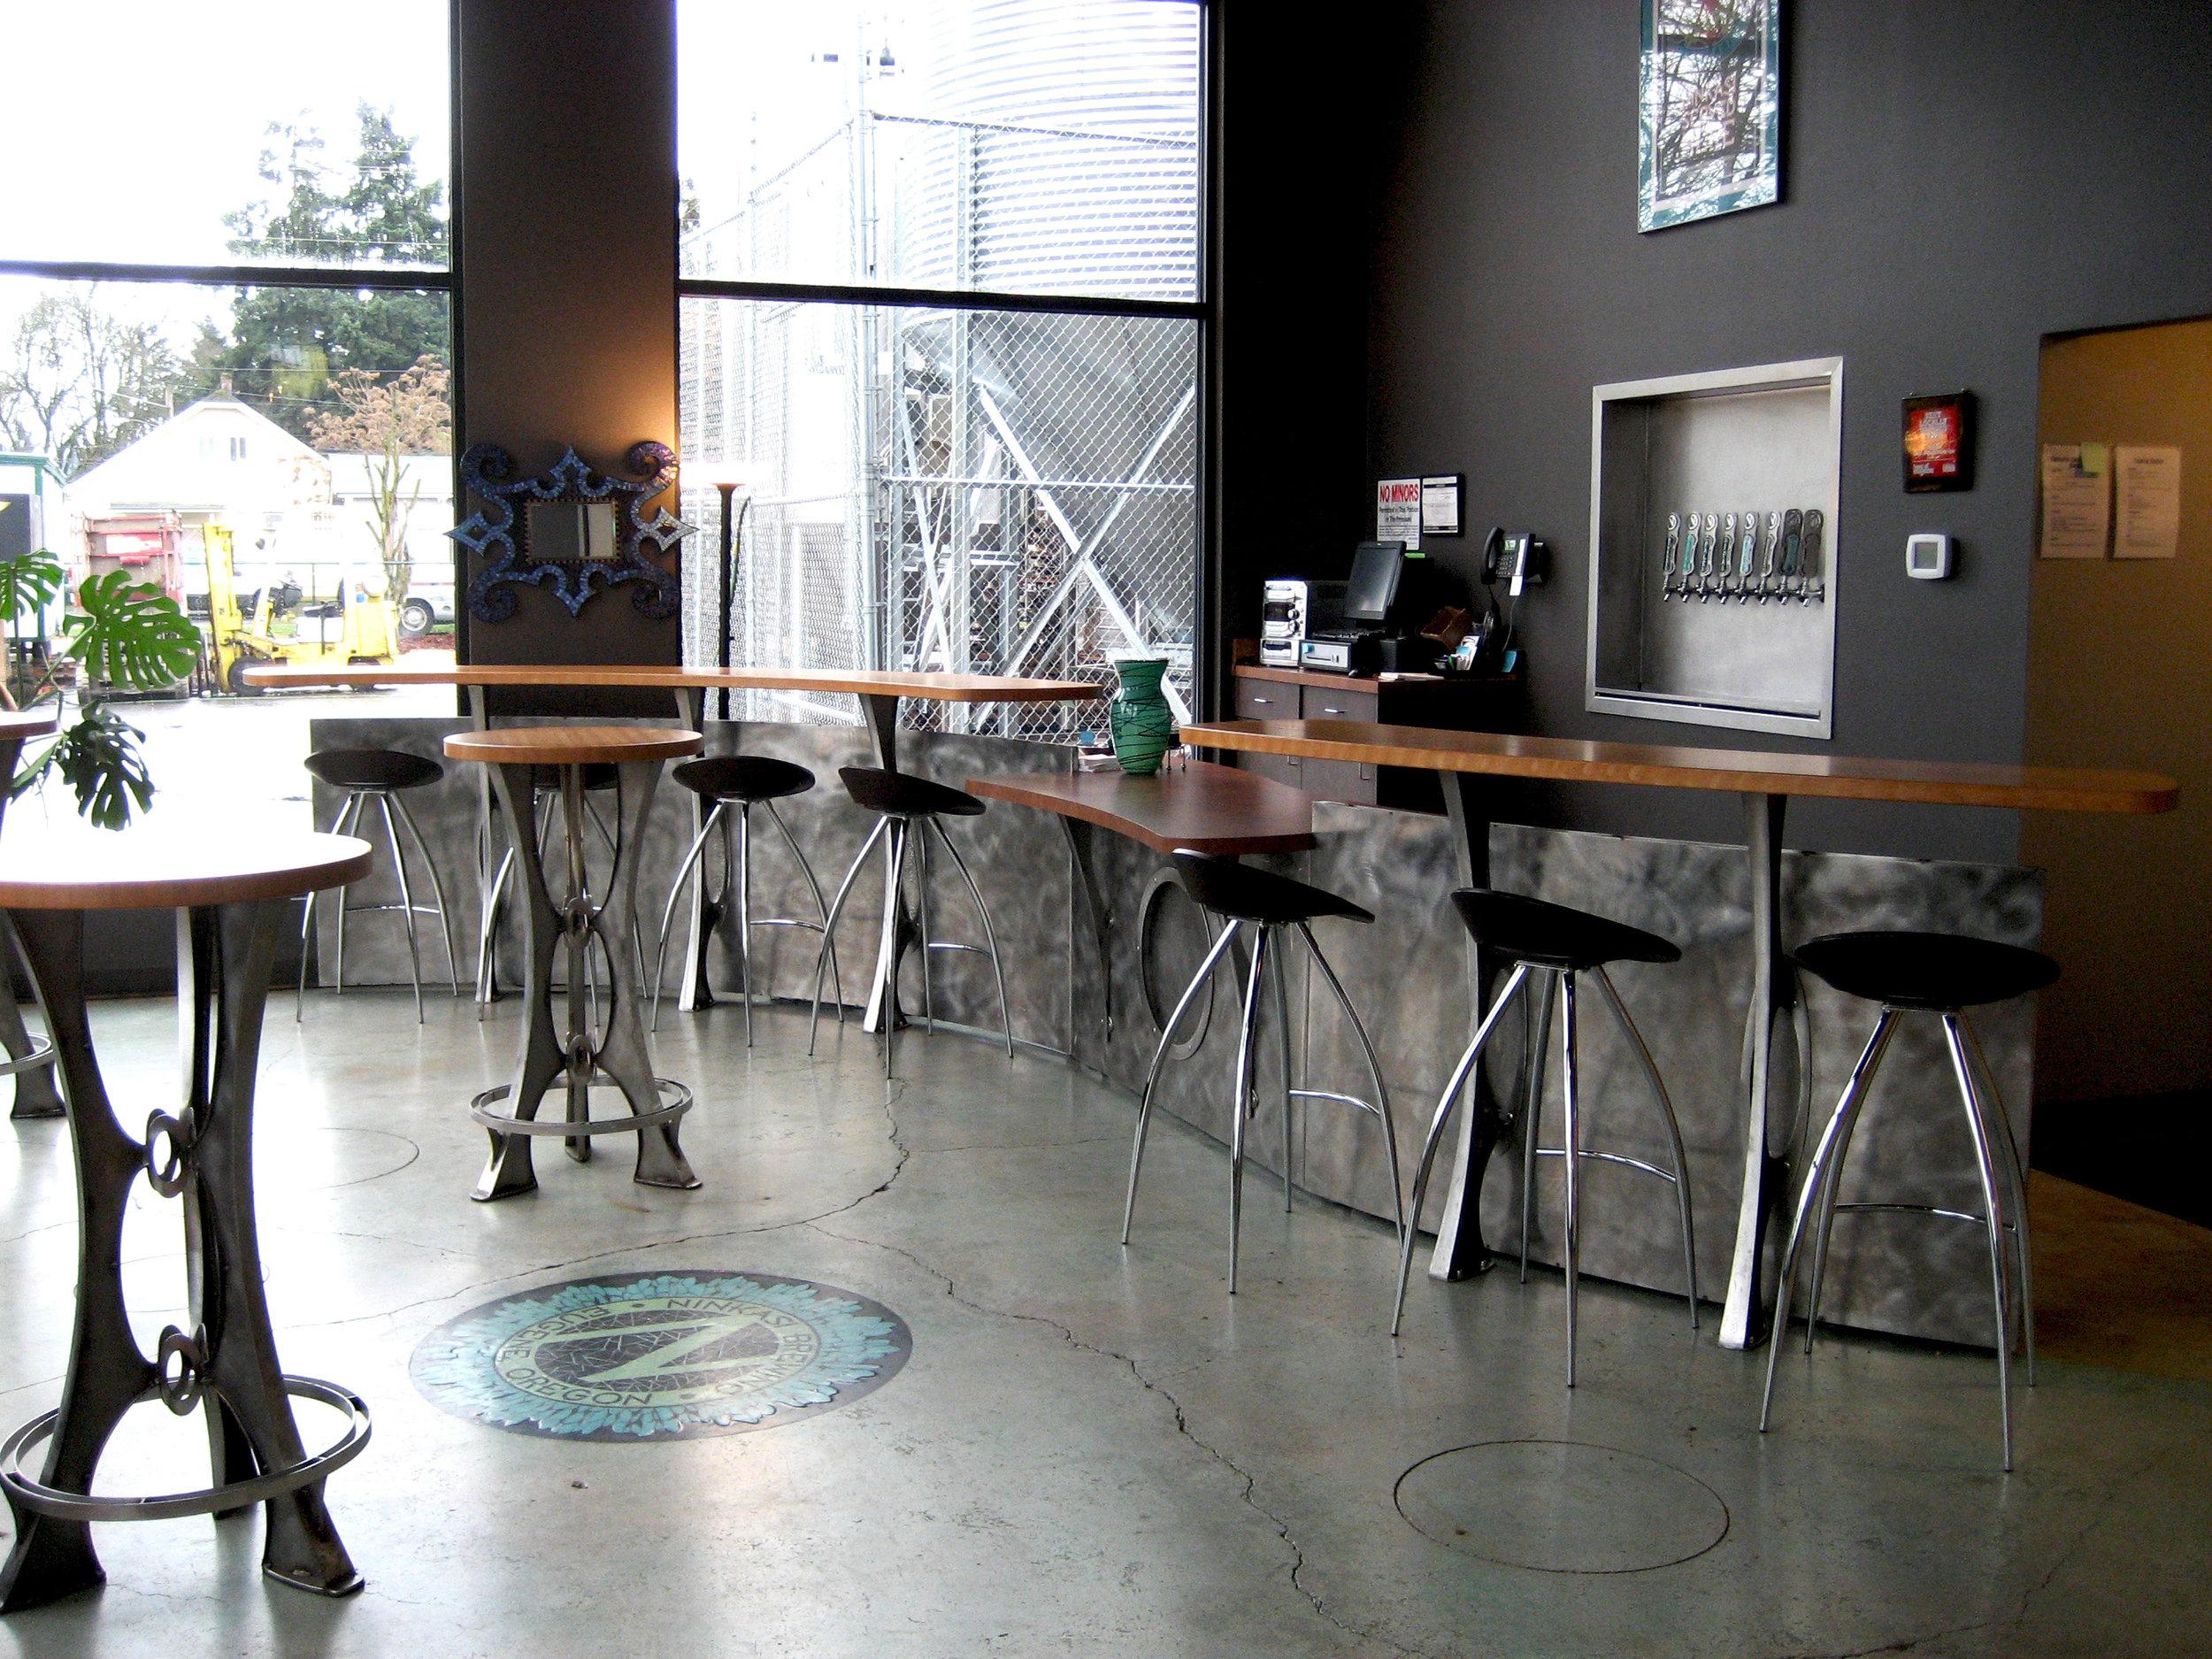 Ninkasi-Brewing-tasting-room-custom-fabricated-stainless-steel